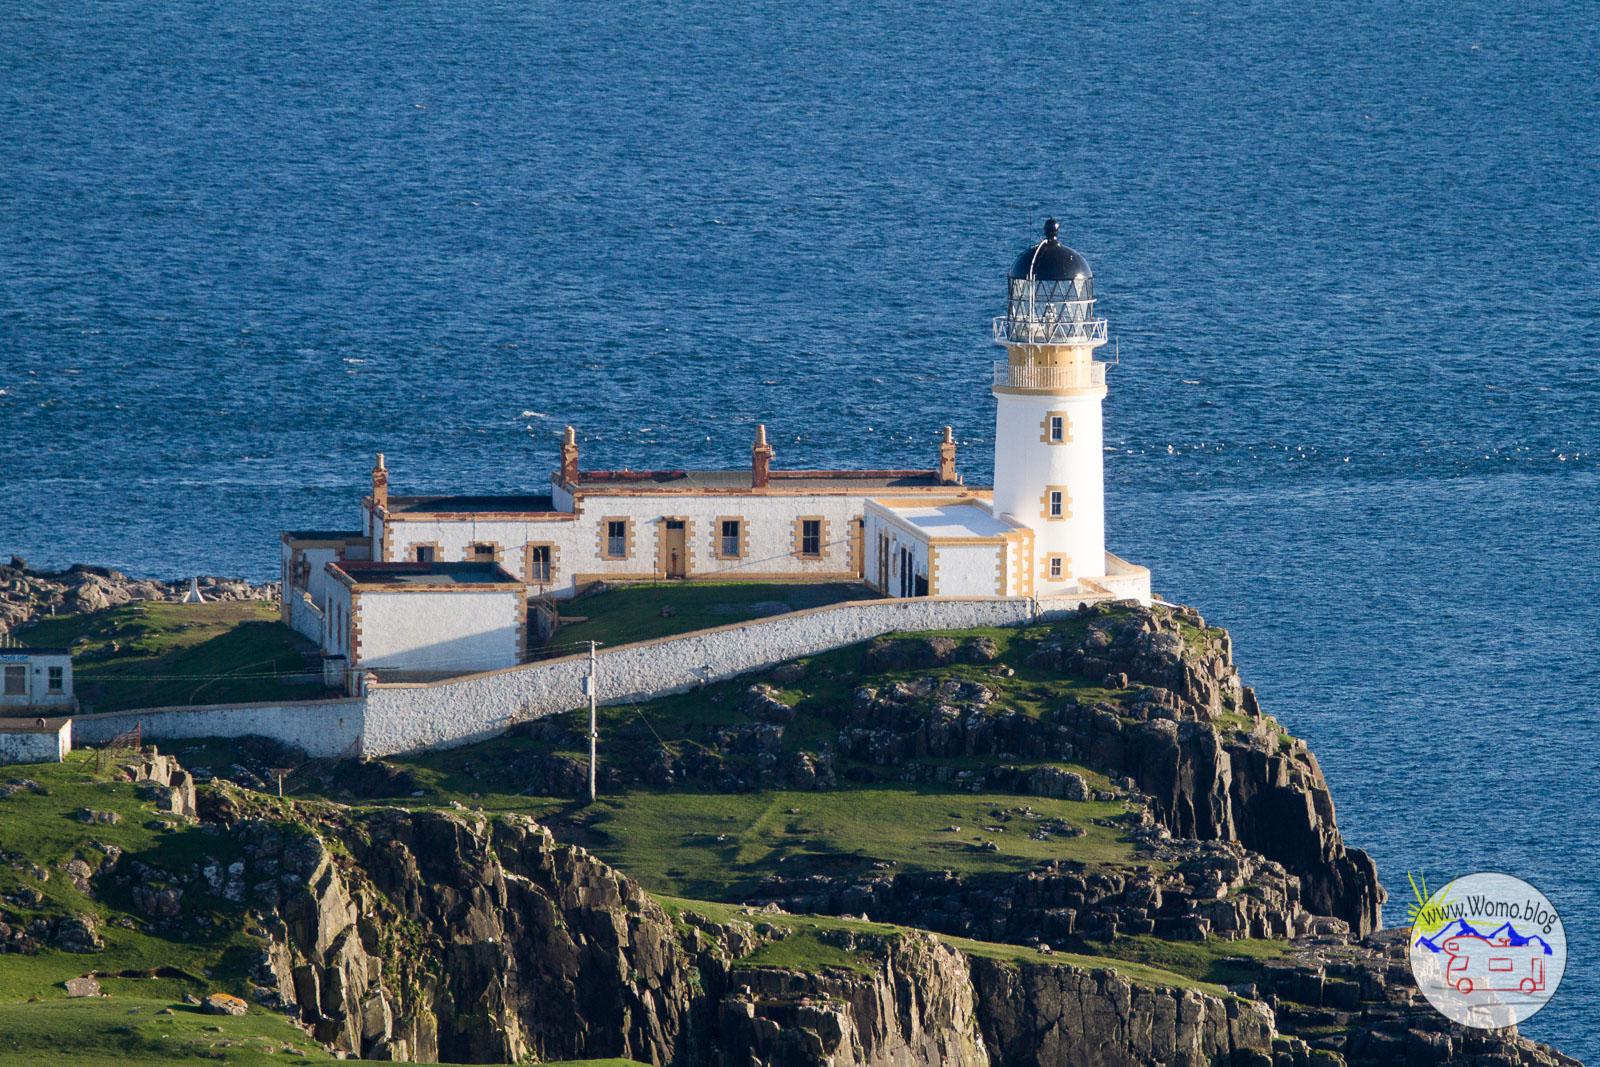 2018-05-30_20-07-04_Schottland-Skye_8966-1600